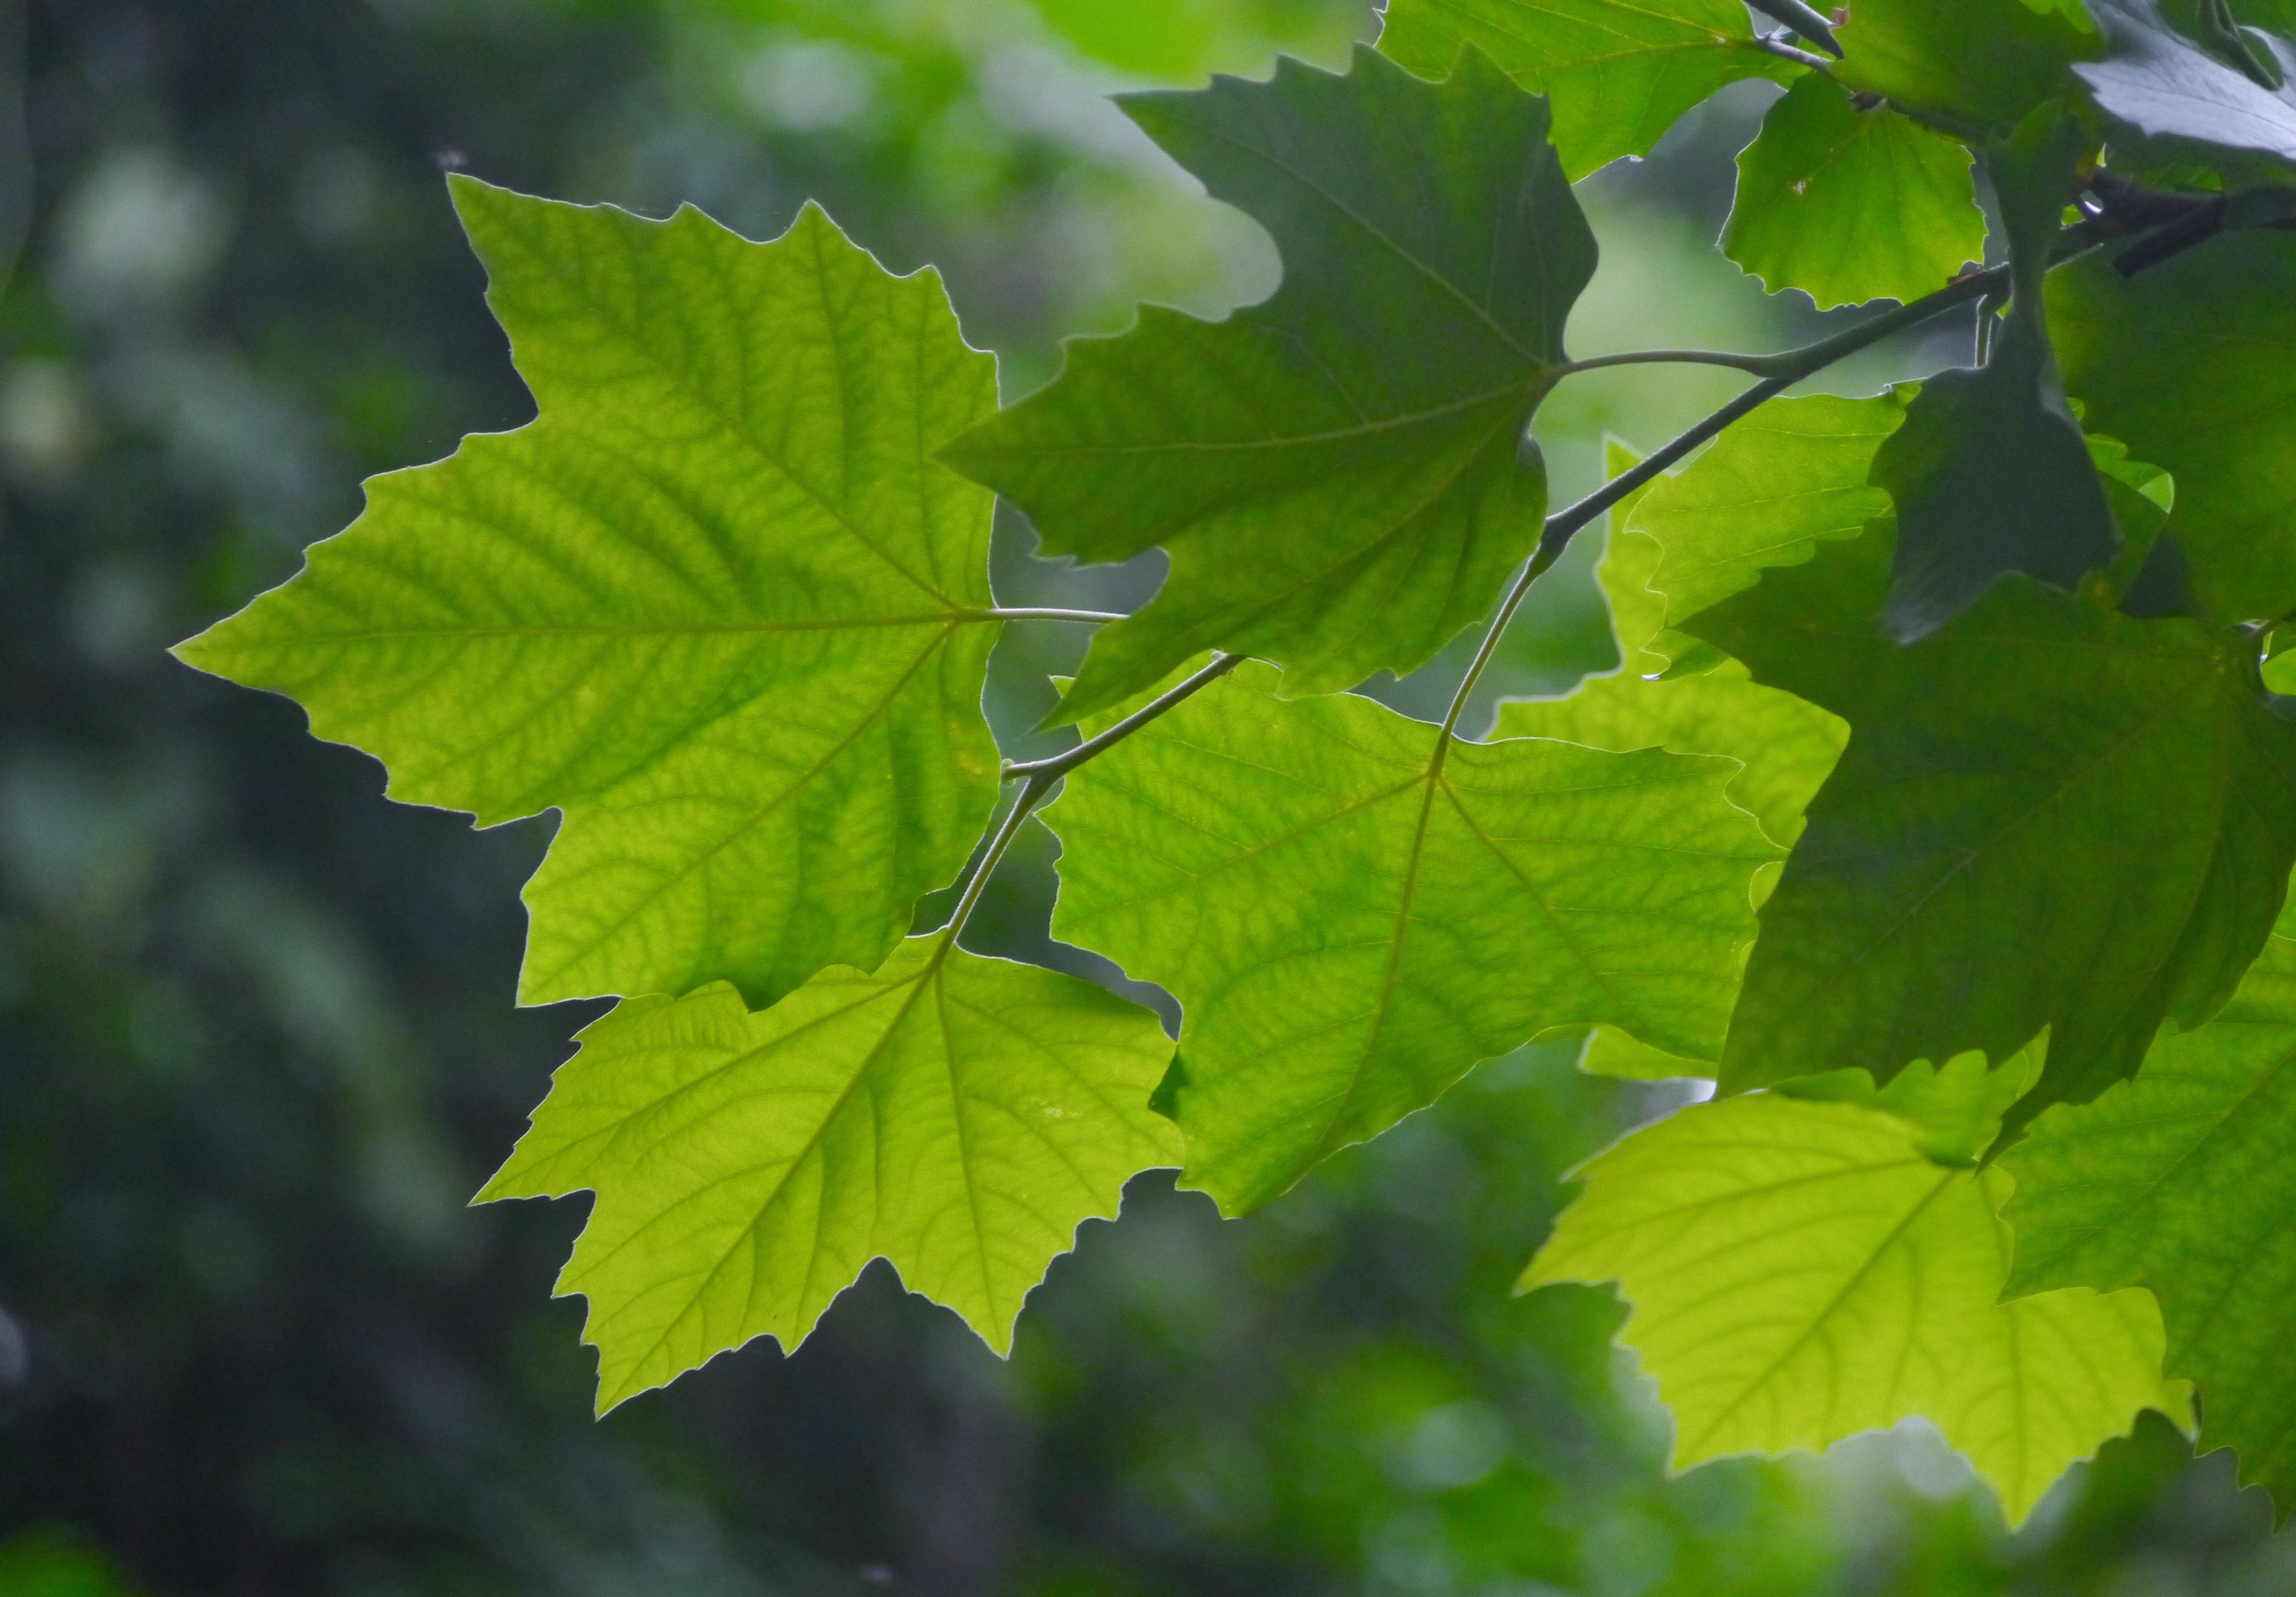 bildet tre gren anlegg sollys blad grønn produsere bjørk